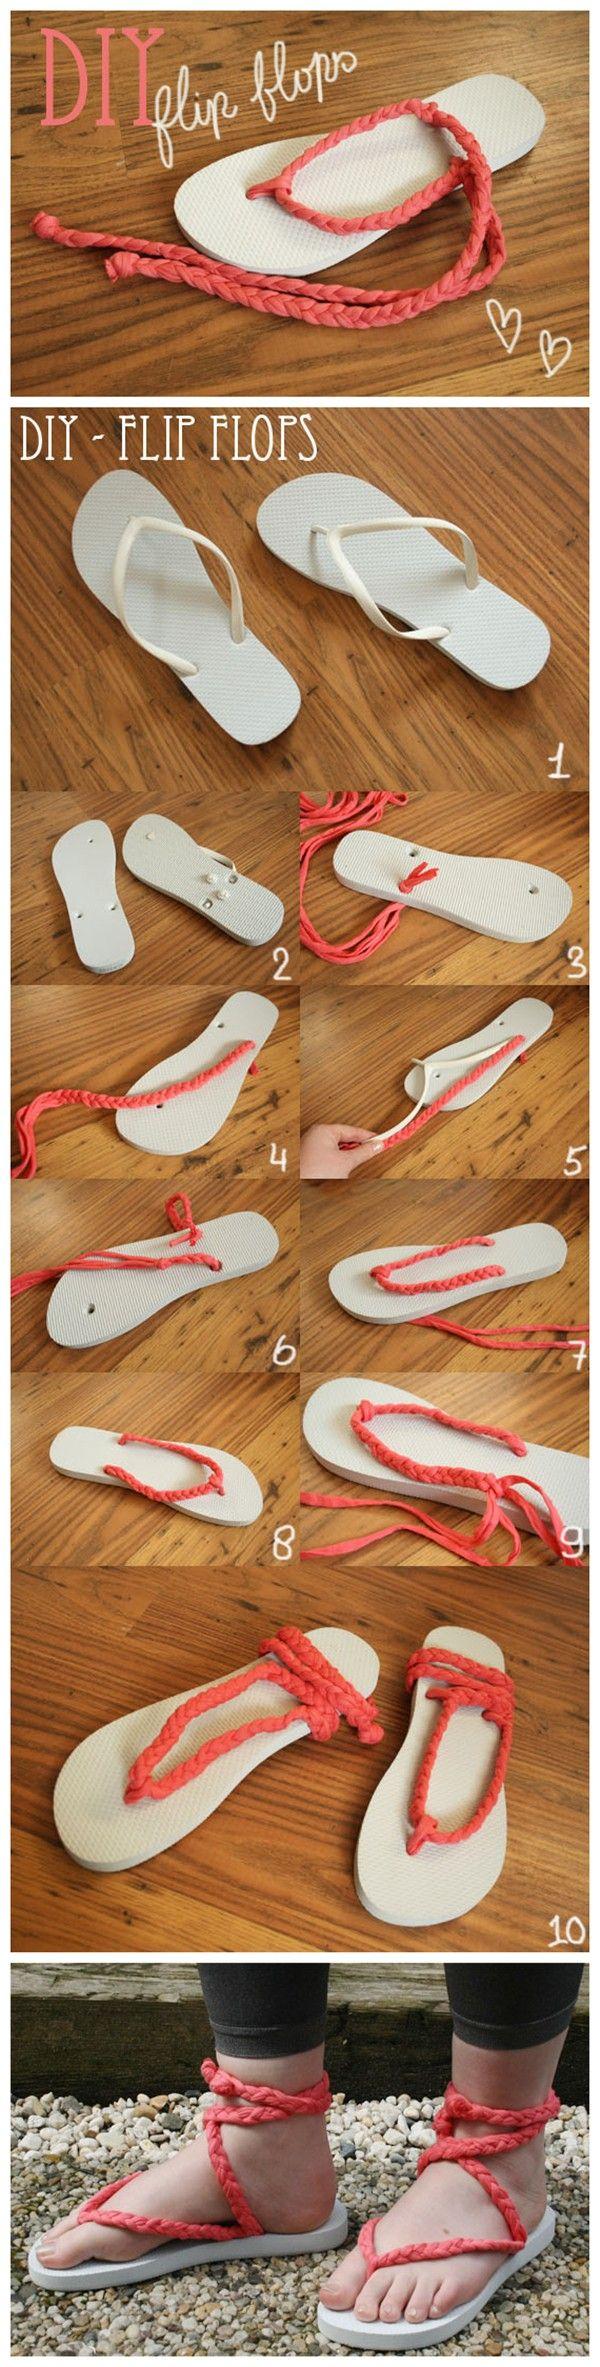 #DIY  Flip Flops #Tutorials